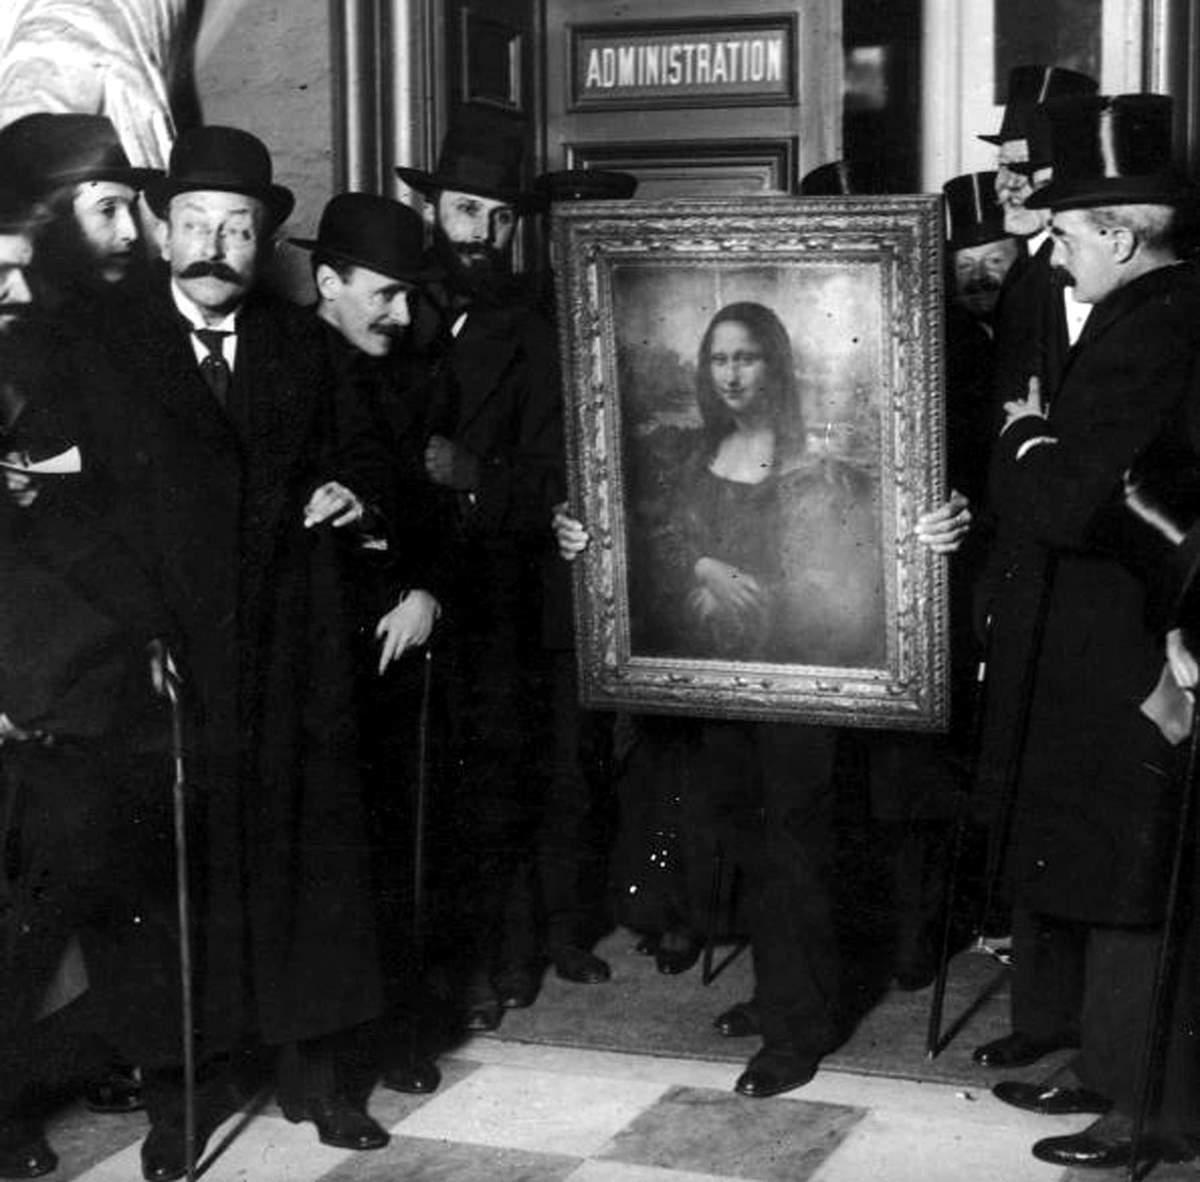 """الموناليزا لوحة حيرت العالم.. سر """"السيدة المبتسمة"""" وتفاصيل سرقتها من اللوفر  - بوابة فيتو"""